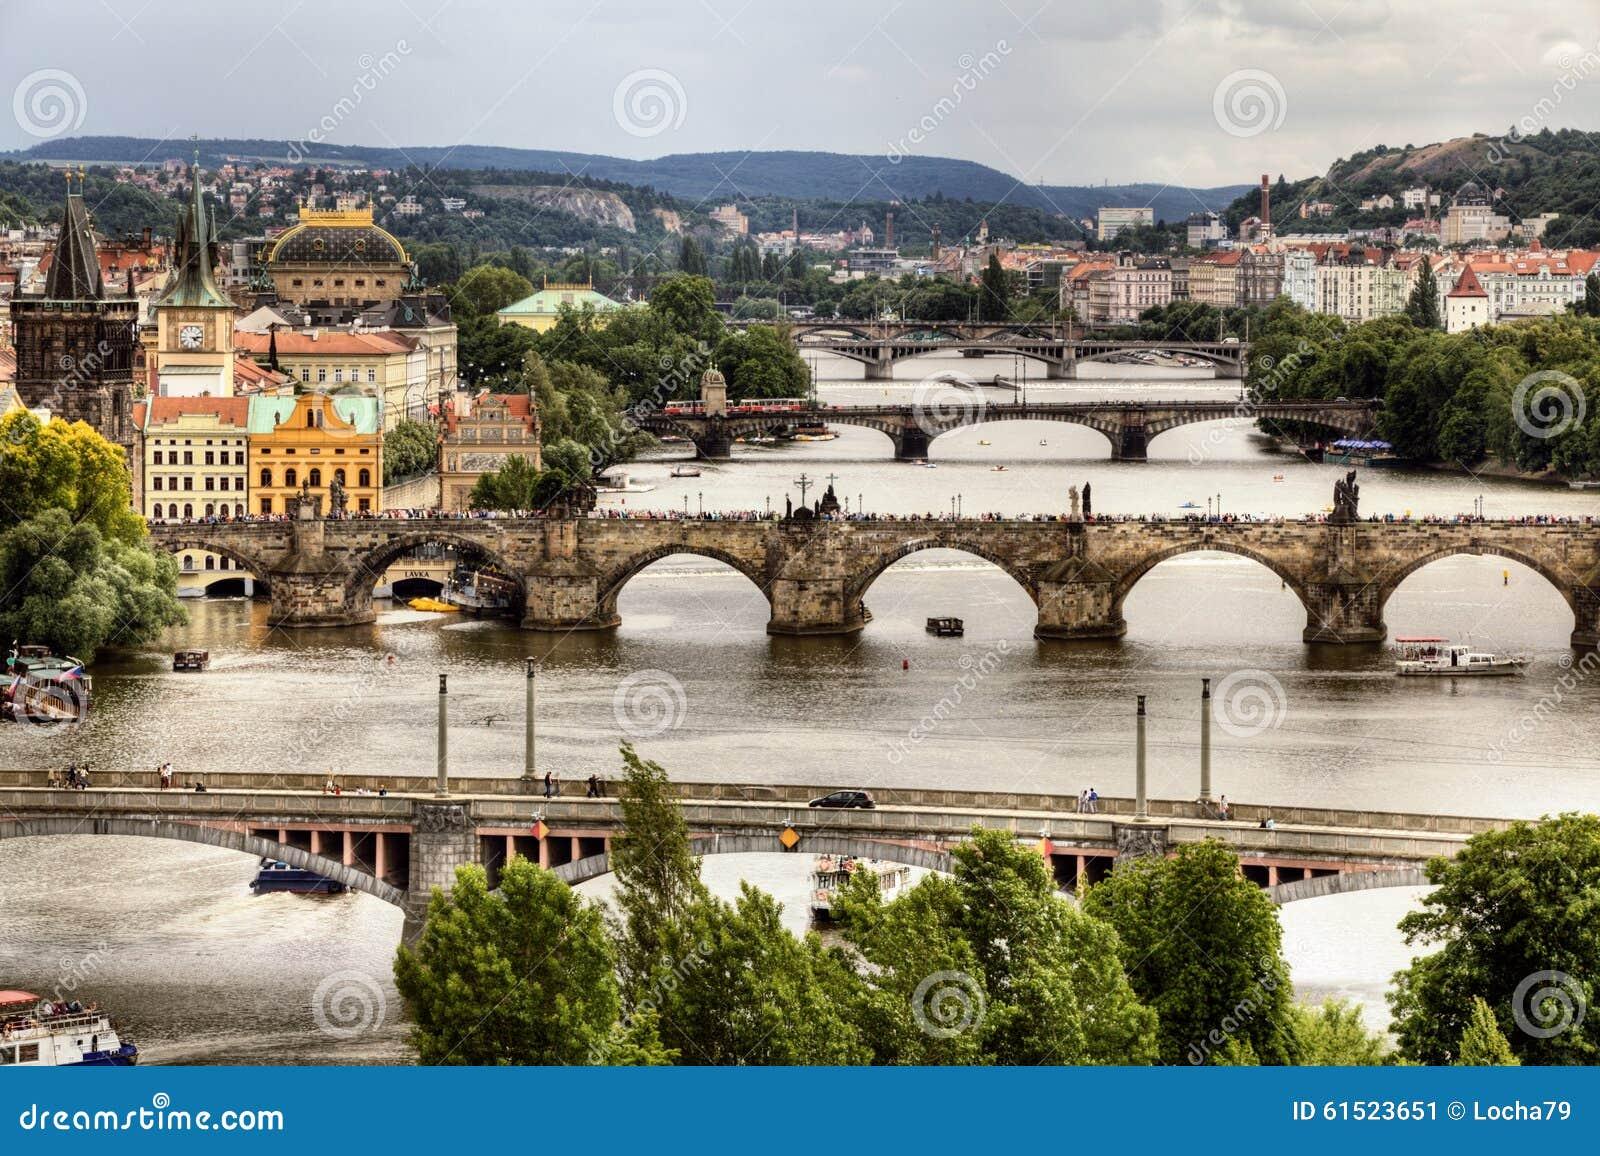 Charles Bridge in Prag